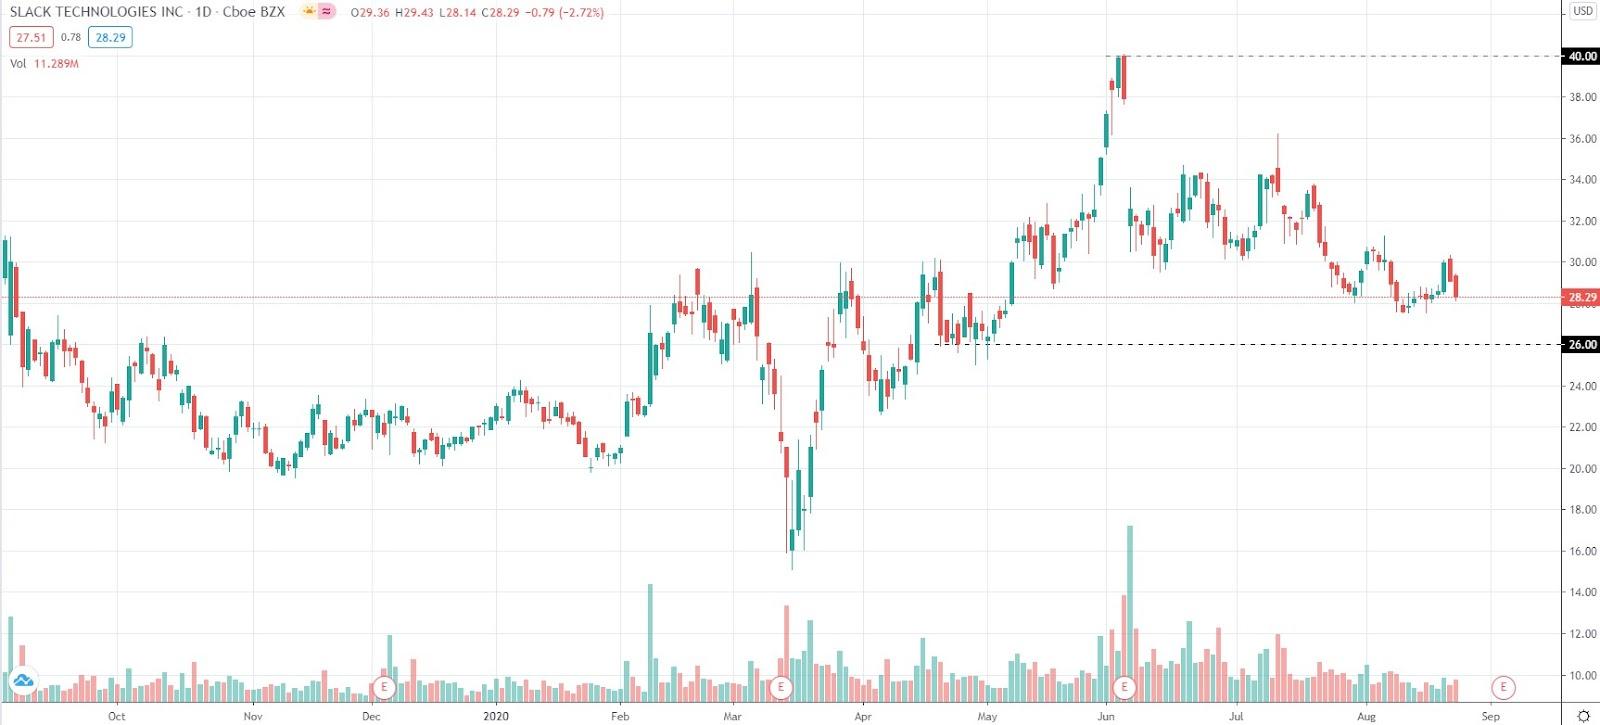 Перспективы инвестиций в акции компании Slack (WORK)